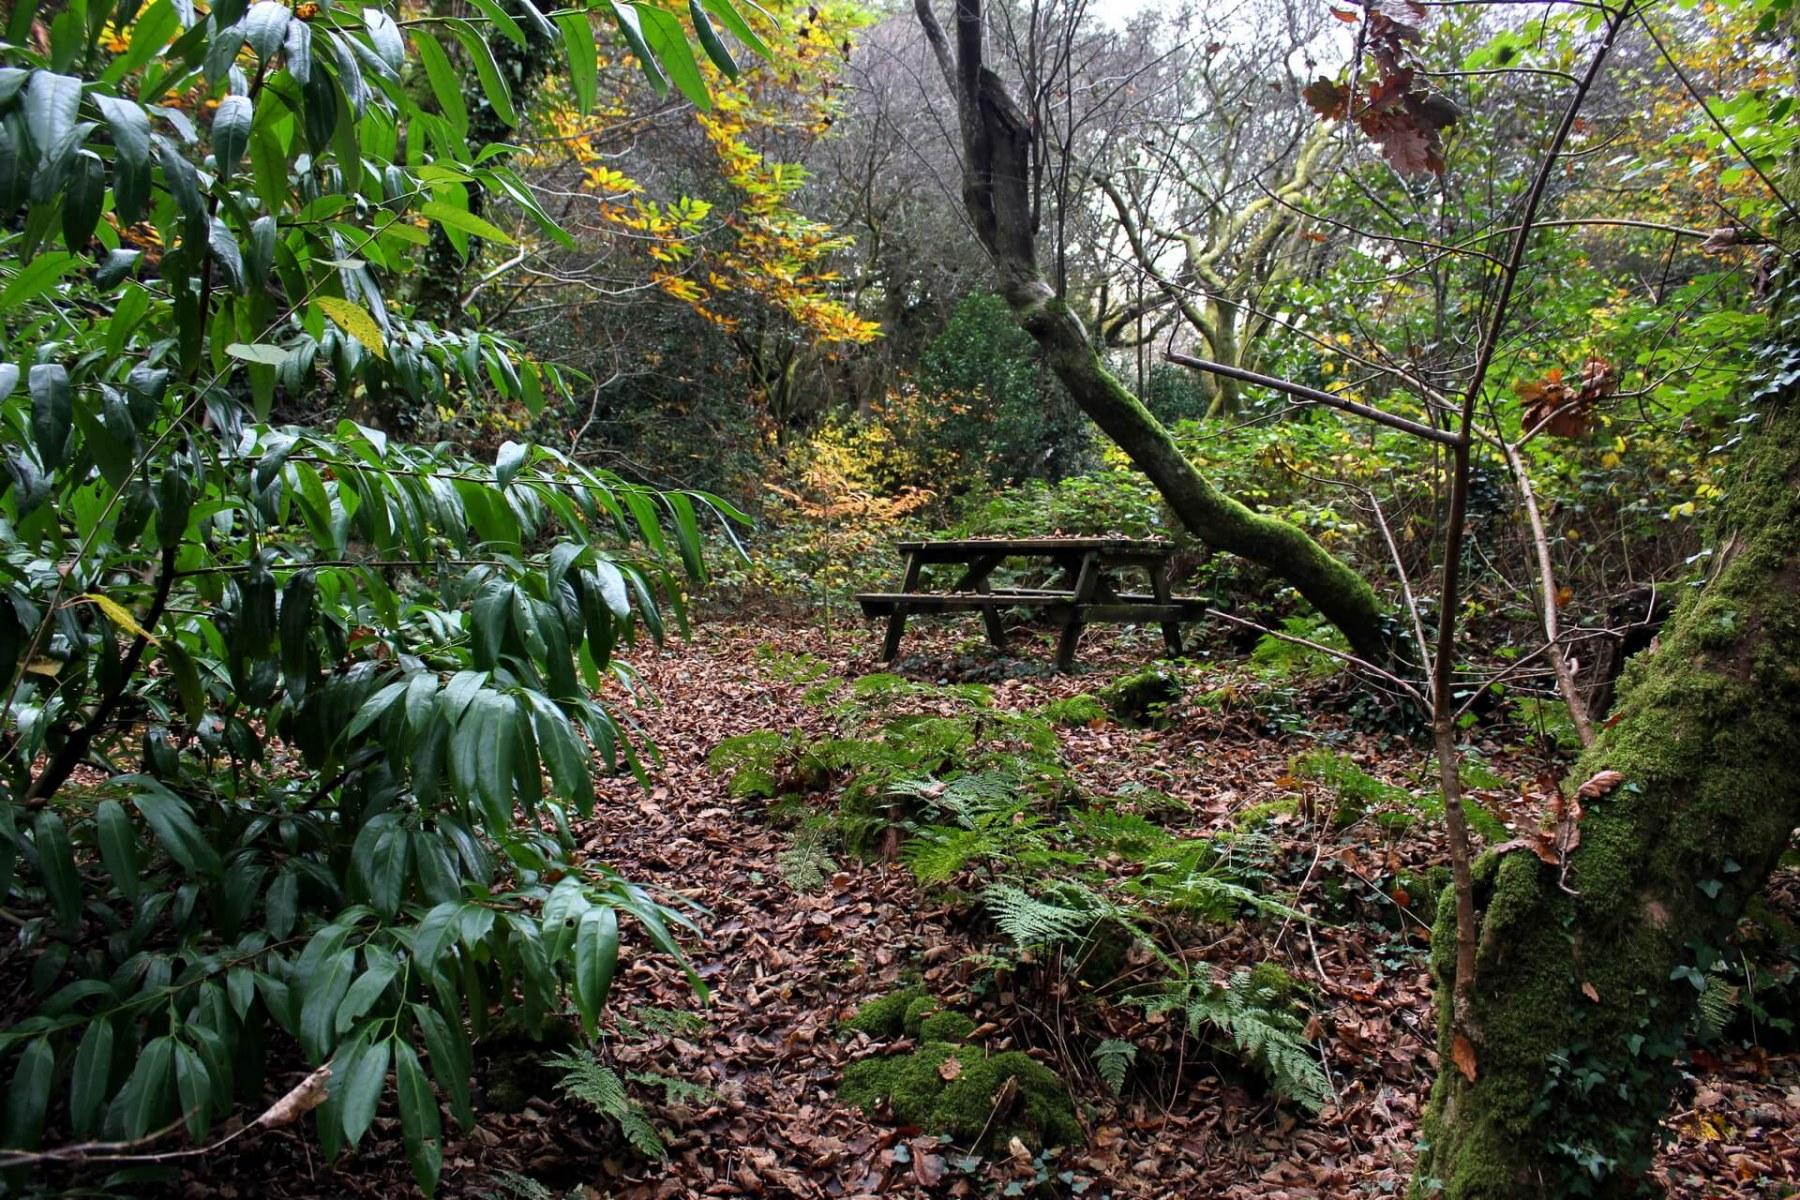 portmeirion-woodland-walk-picnic-bench